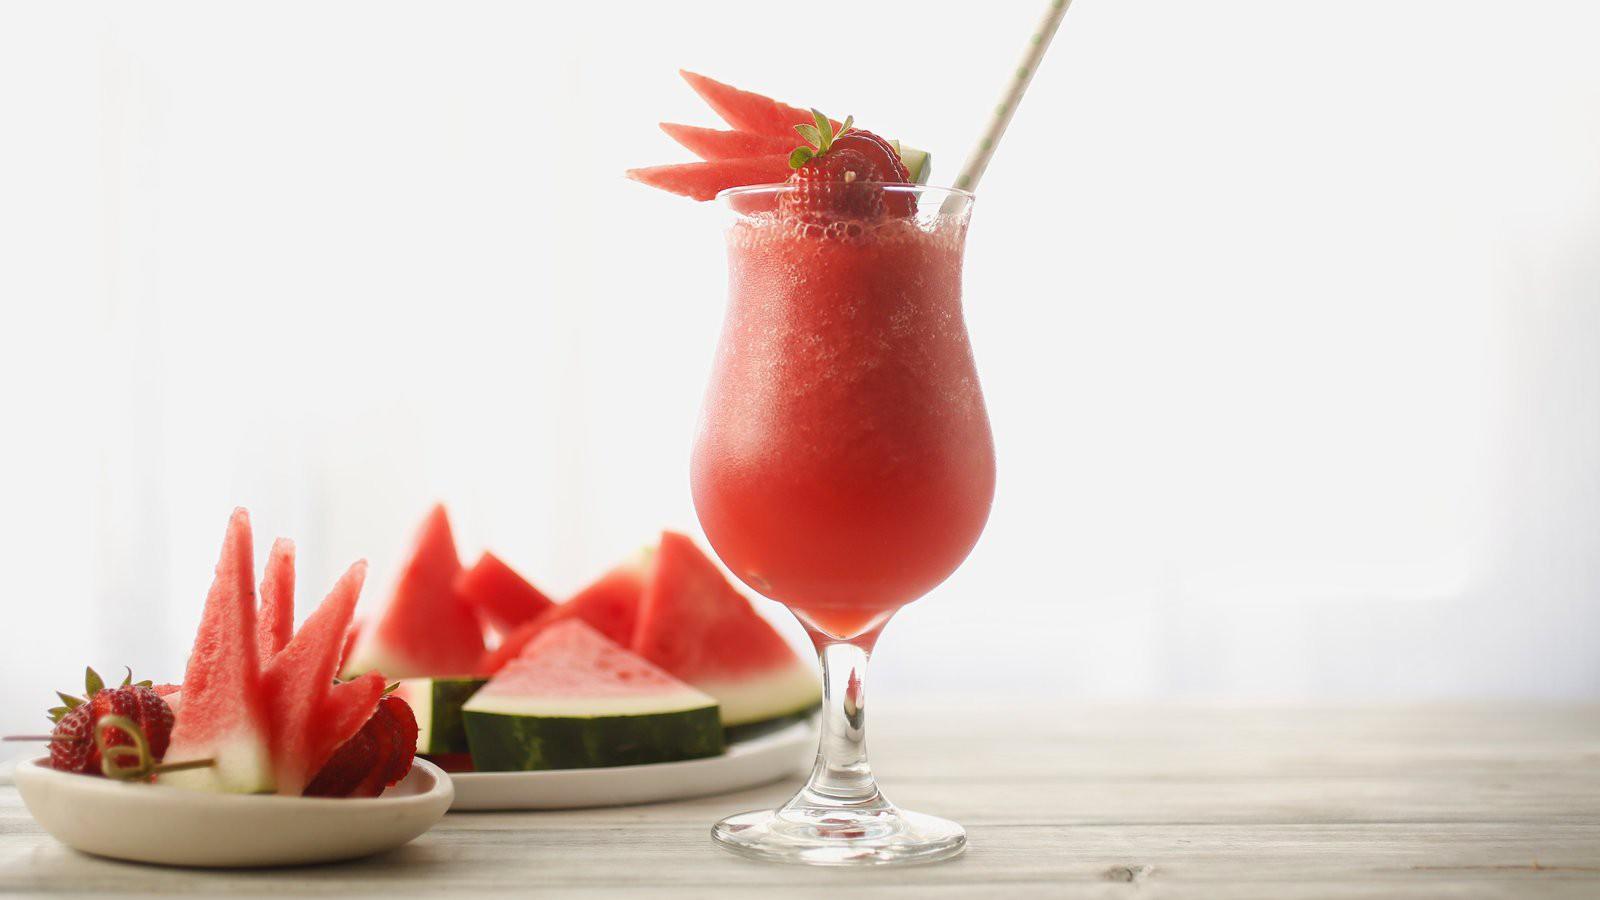 Bổ sung ngay 7 trái cây này để cơ thể không thiếu hụt loại khoáng chất vô cùng quan trọng - Ảnh 1.